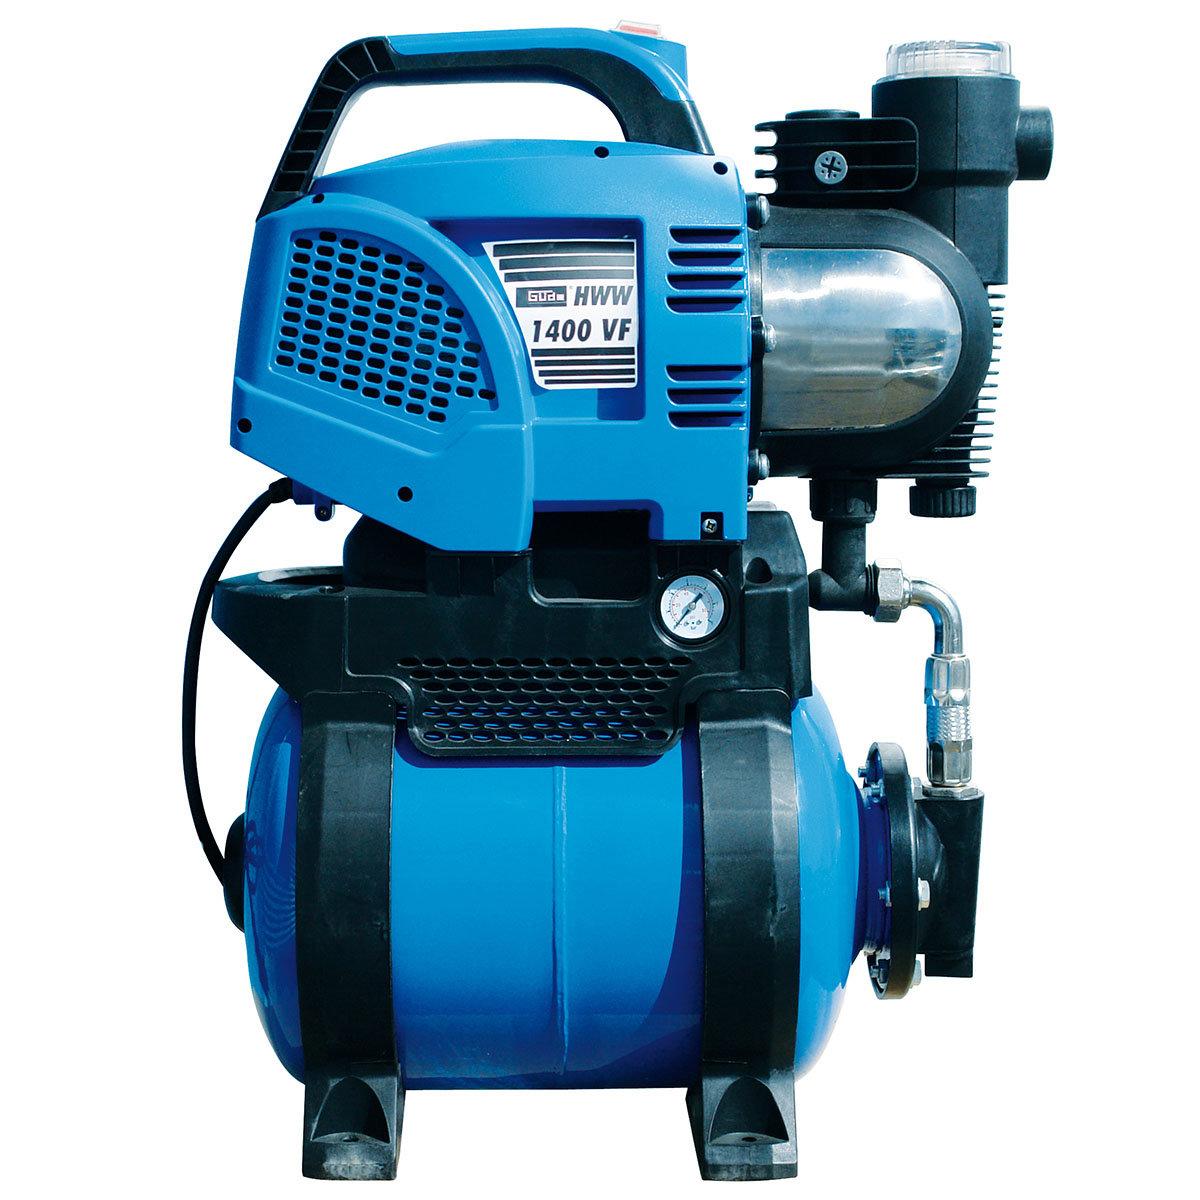 Hauswasserwerk HWW 1400 VF | #2